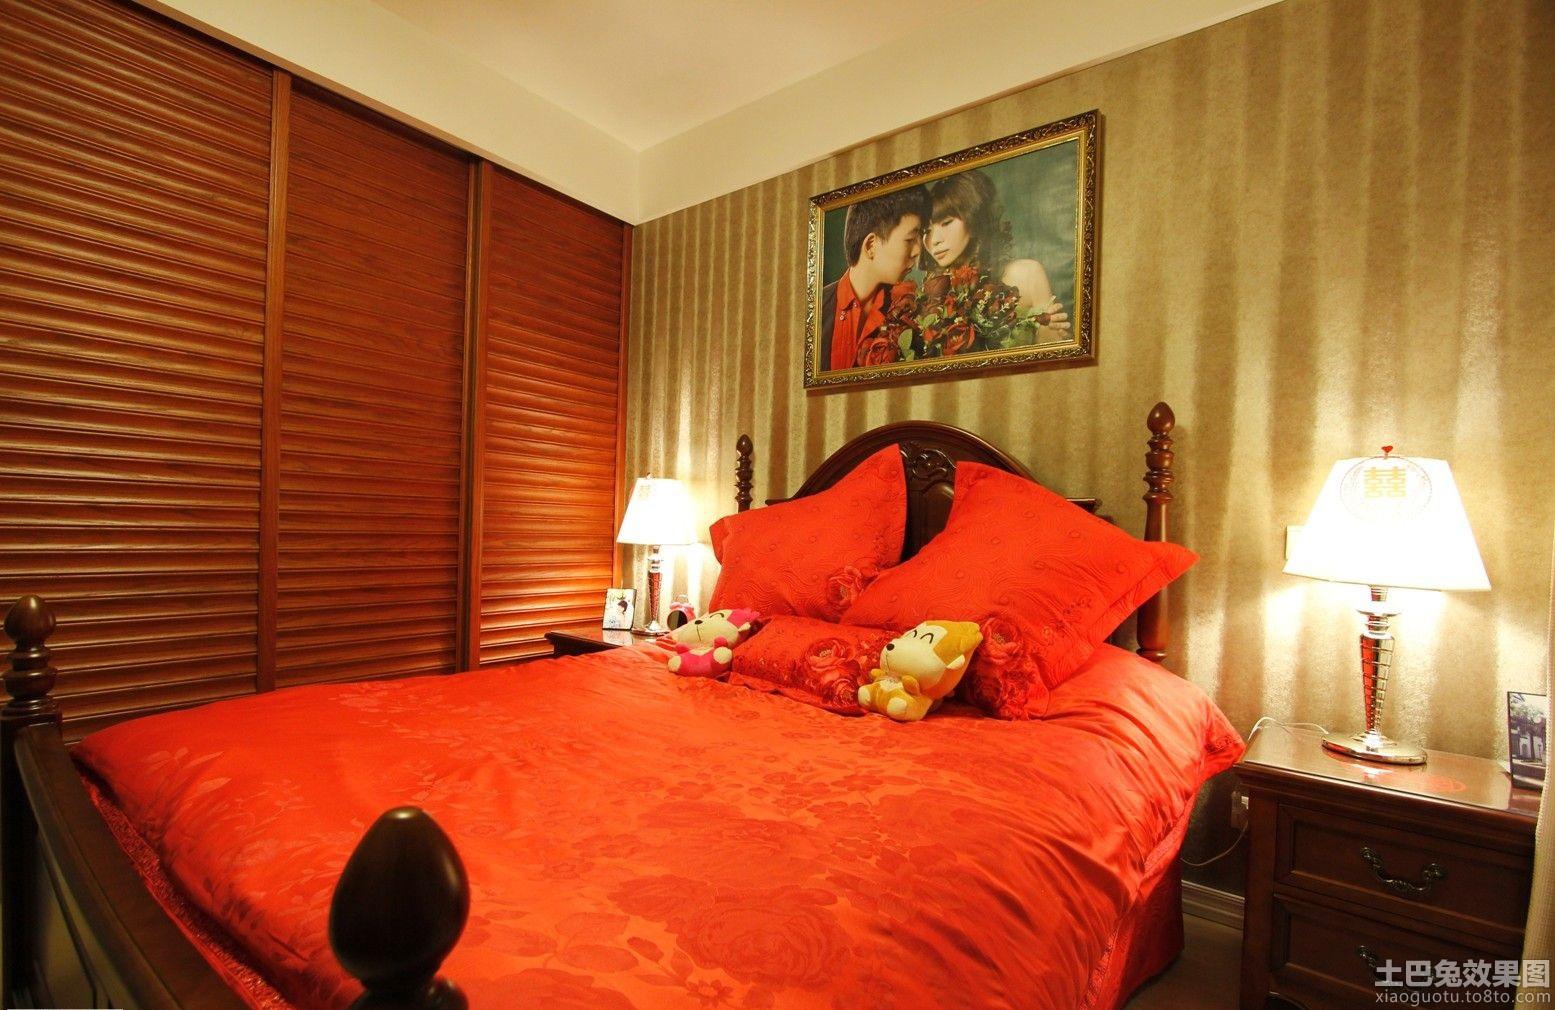 中式婚房卧室装修效果图大全装修效果图 第10张 家居图库 九正家居网